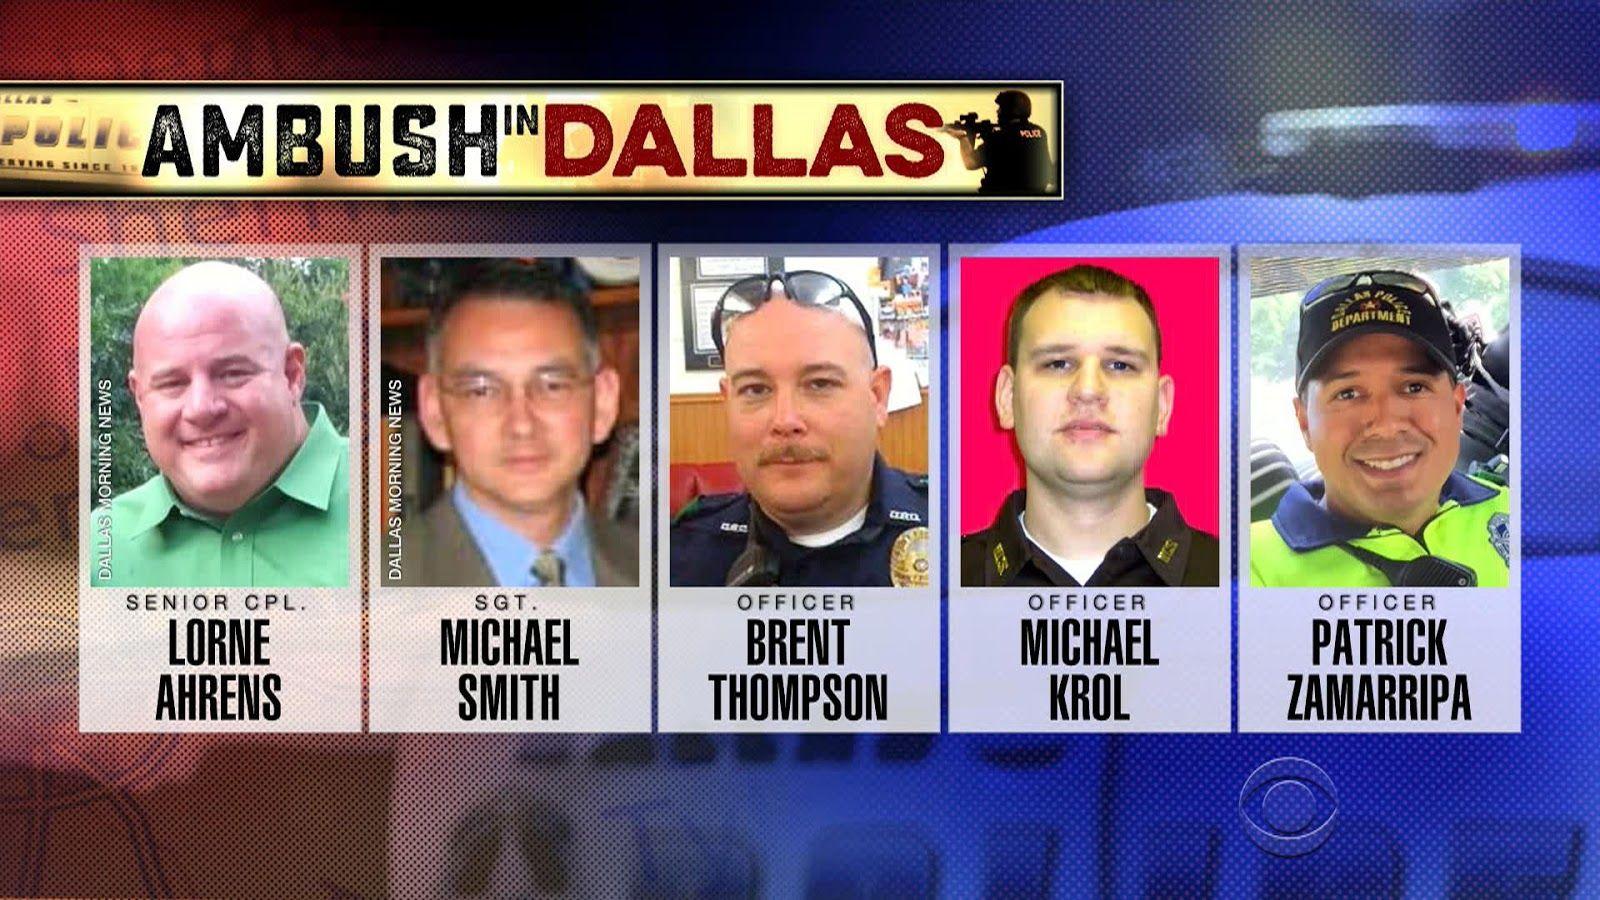 Dallas Police Five lasjdalsdjaslkdjas.jpg